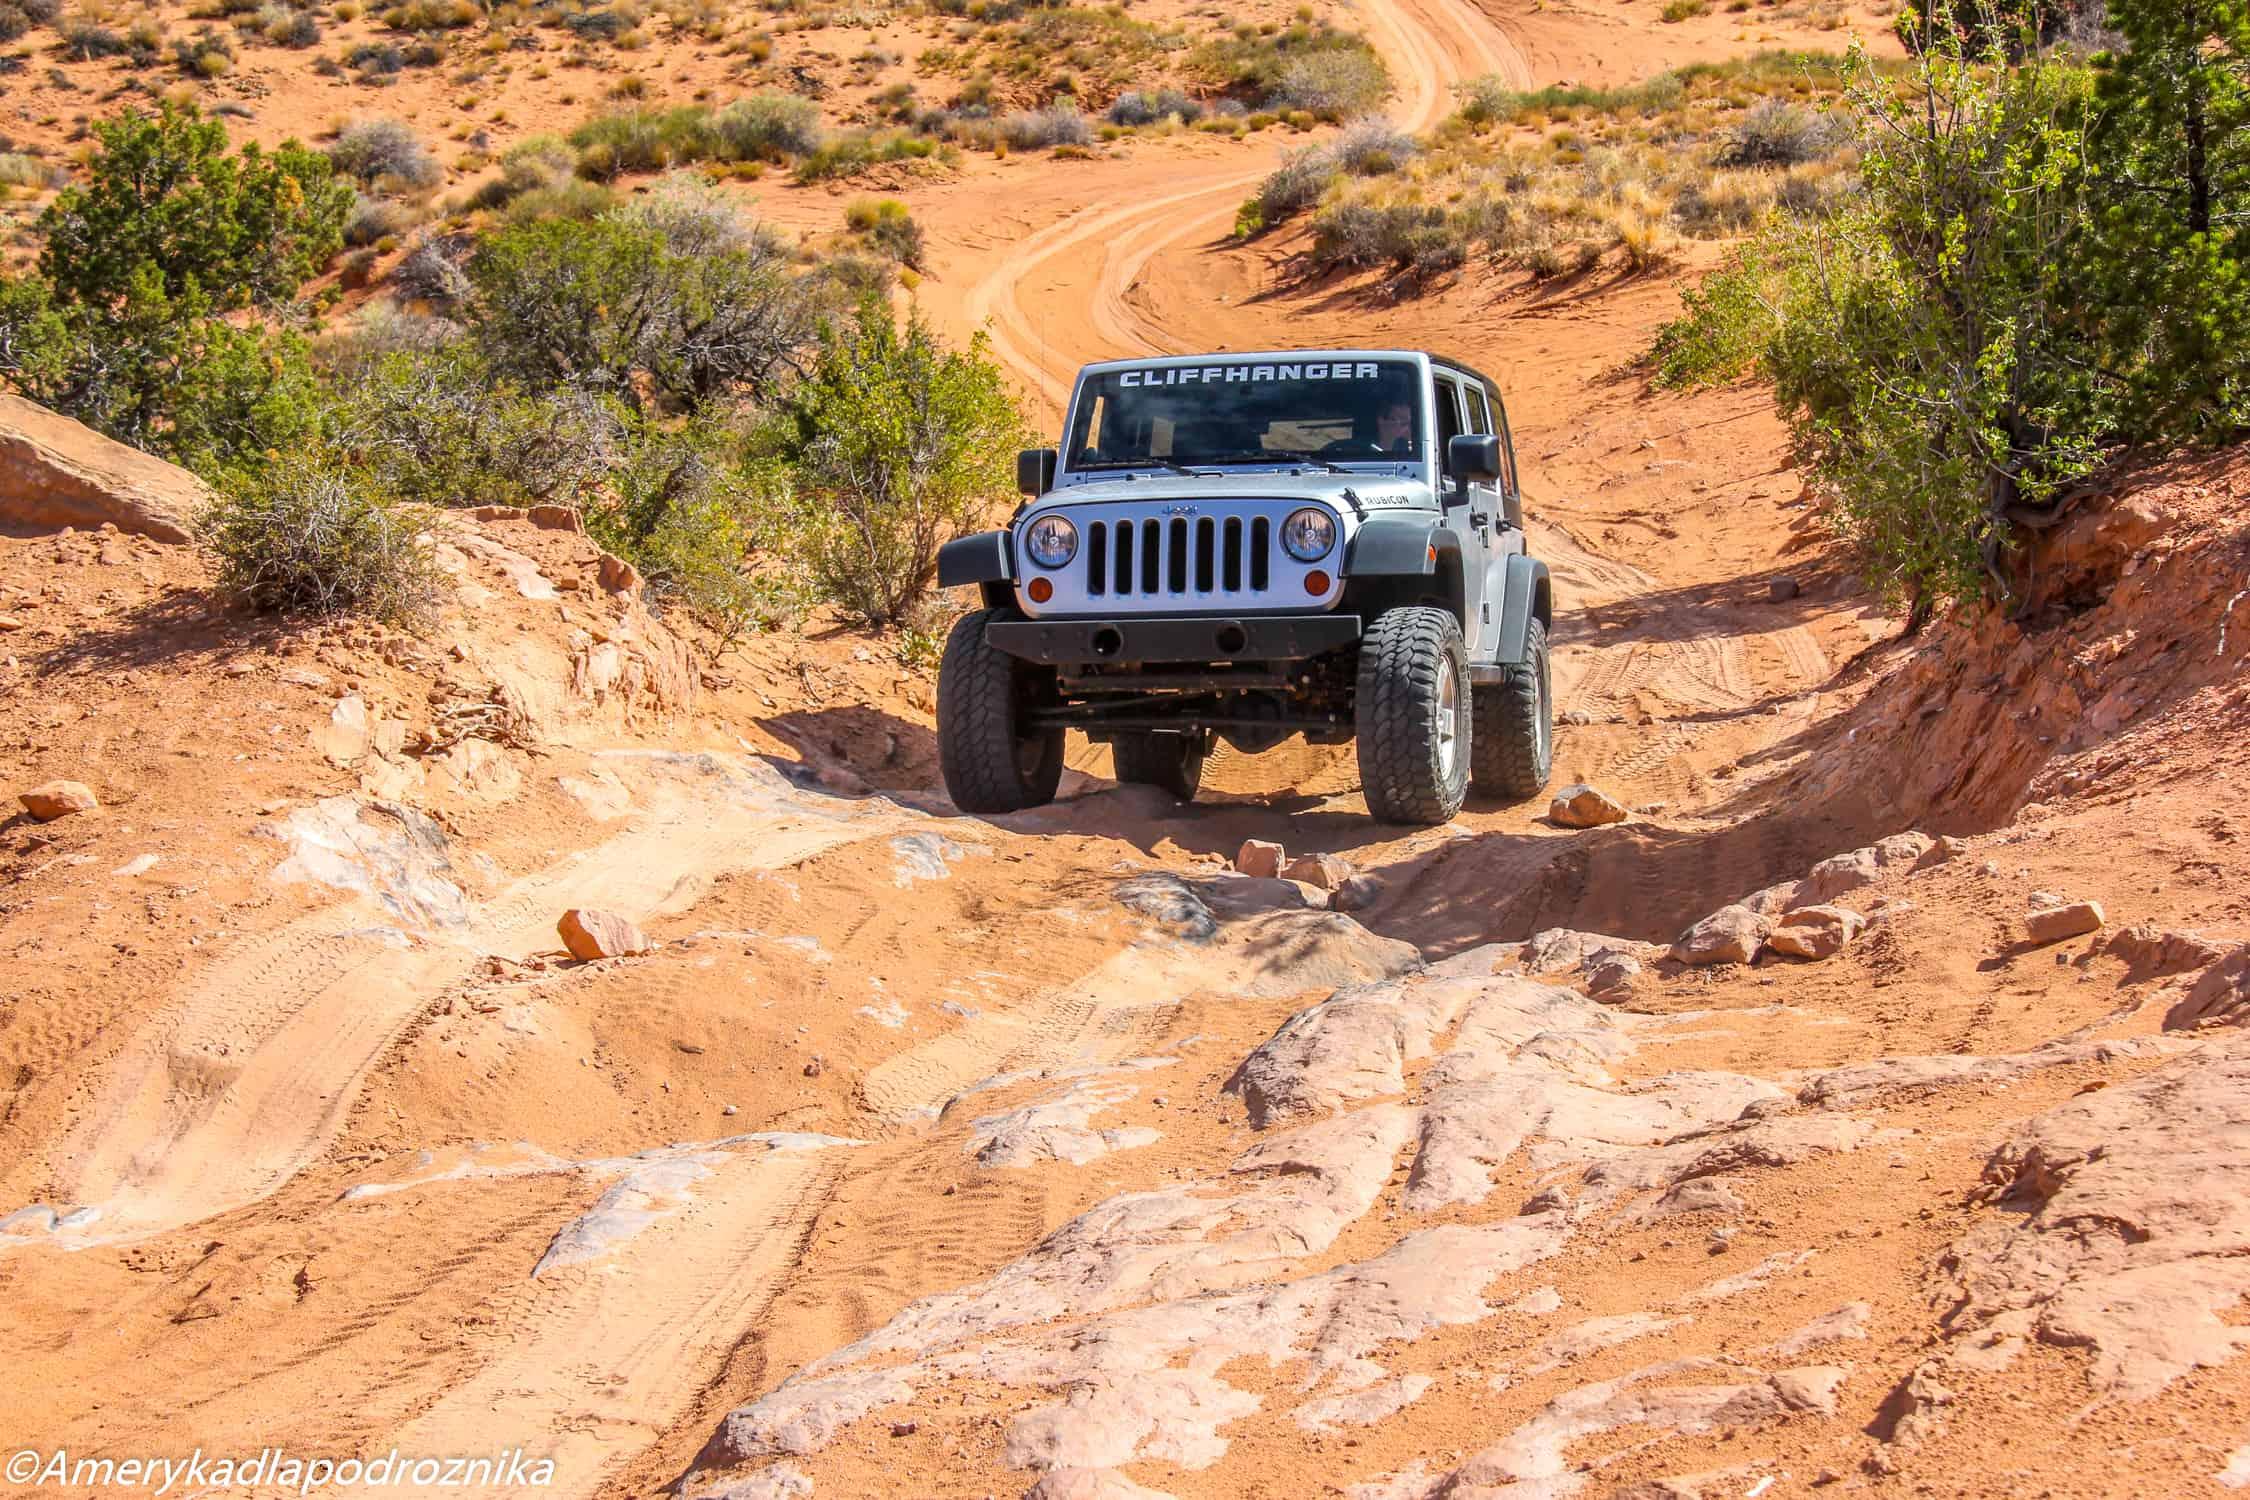 pożyczamy jeepa w Moab